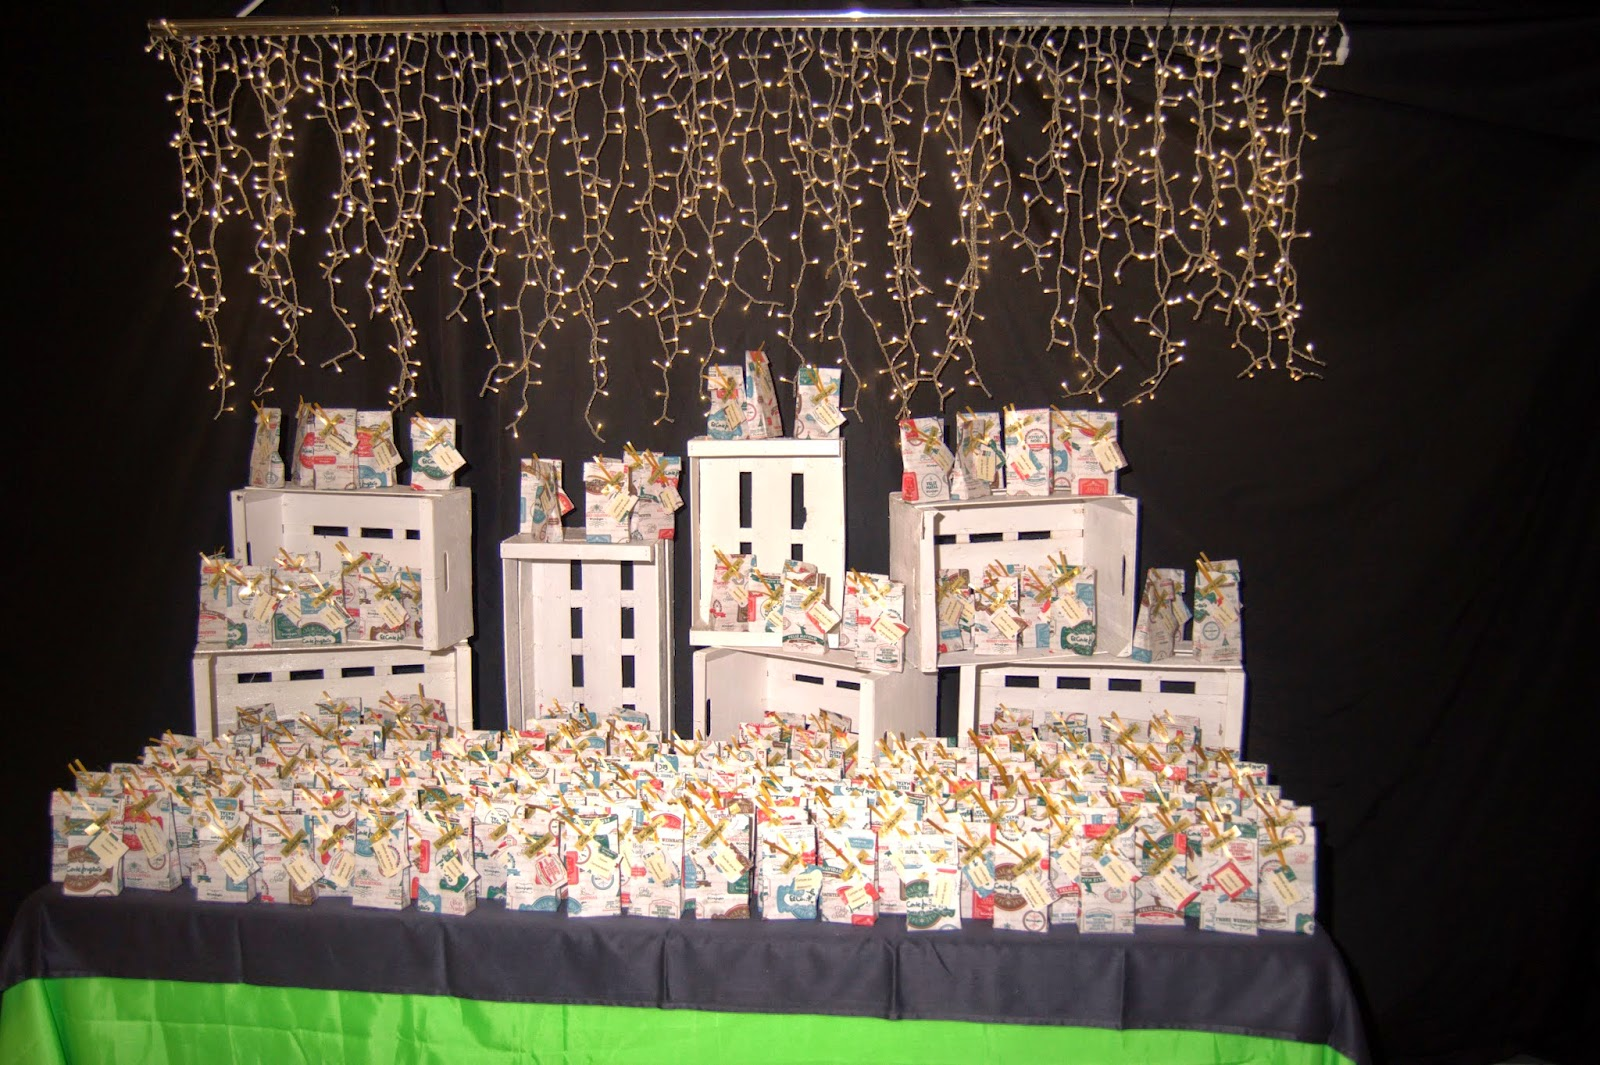 Fiesta De Navidad Para Los Empleados Del Corte Ingles Lm Eventos ~ Decoracion Navidad Corte Ingles